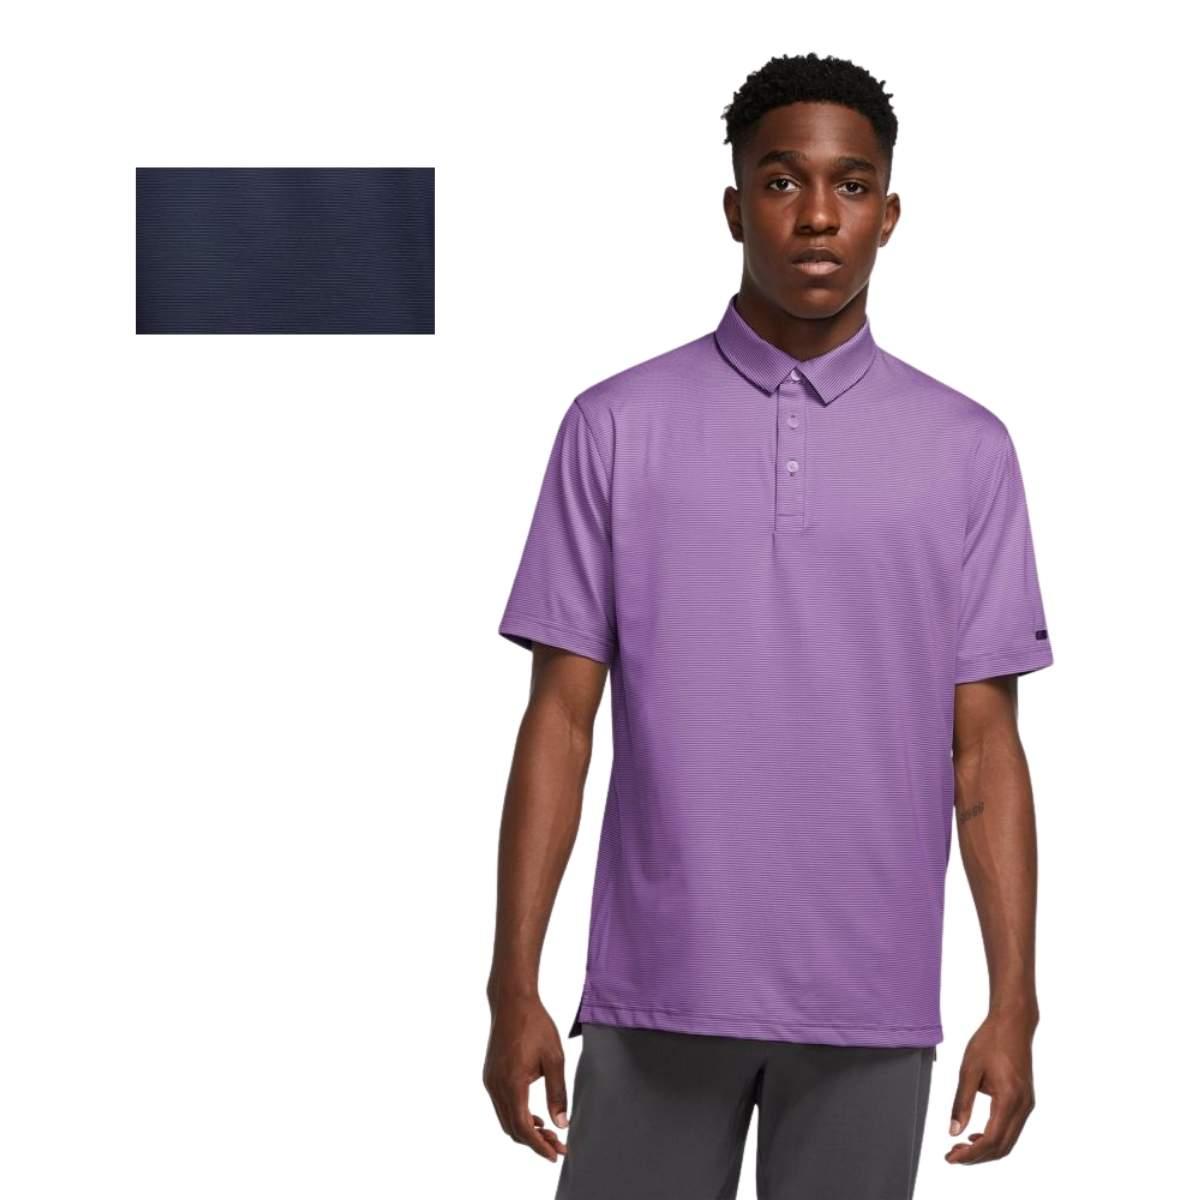 Nike Men's 2021 Dri-Fit Player Control Stripe Polo